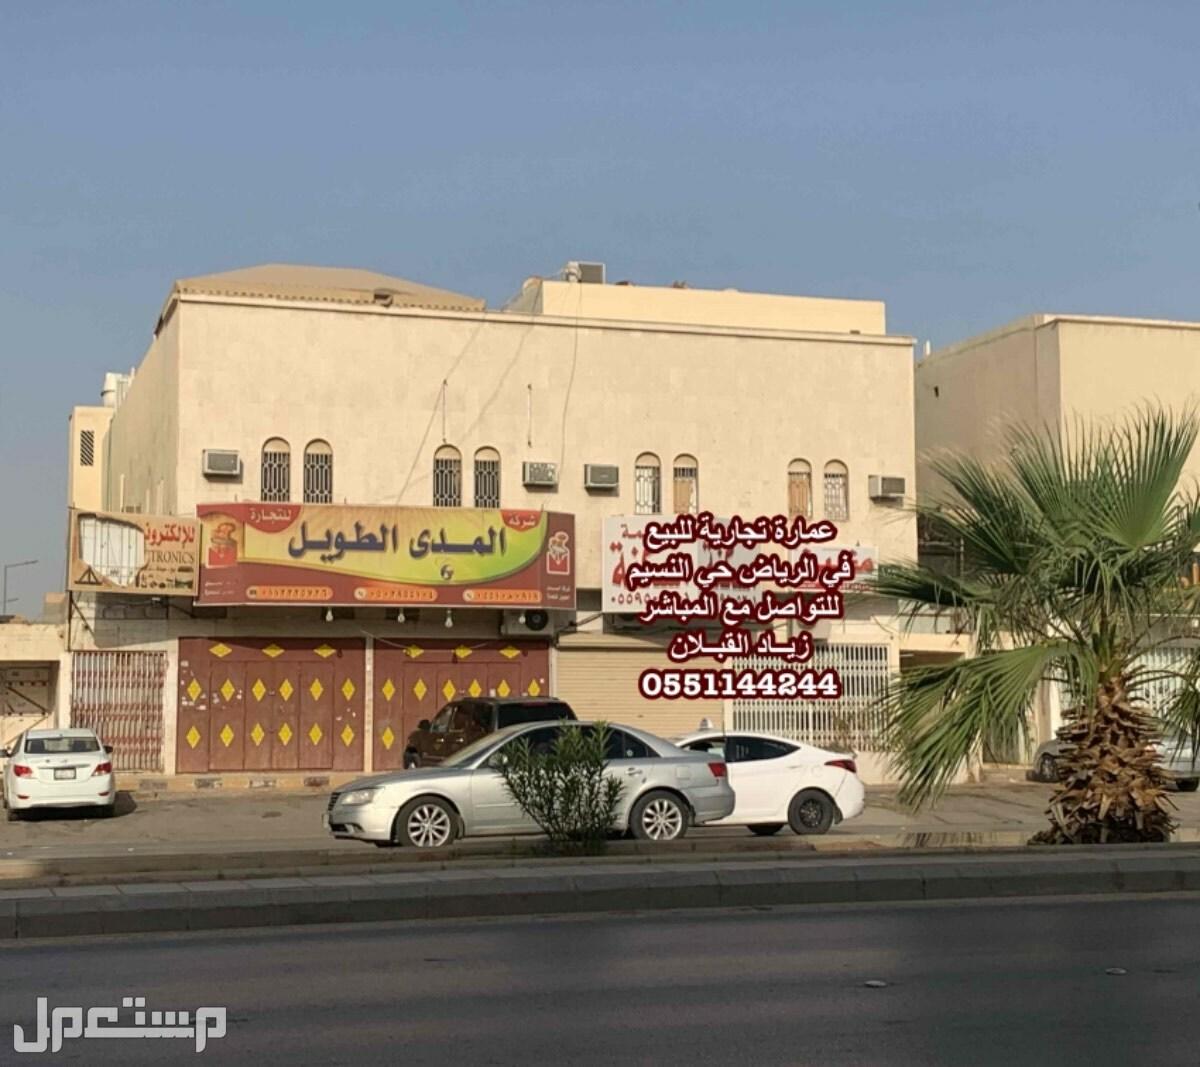 للبيع عمارة تجارية في الرياض حي النسيم محلات و شقق